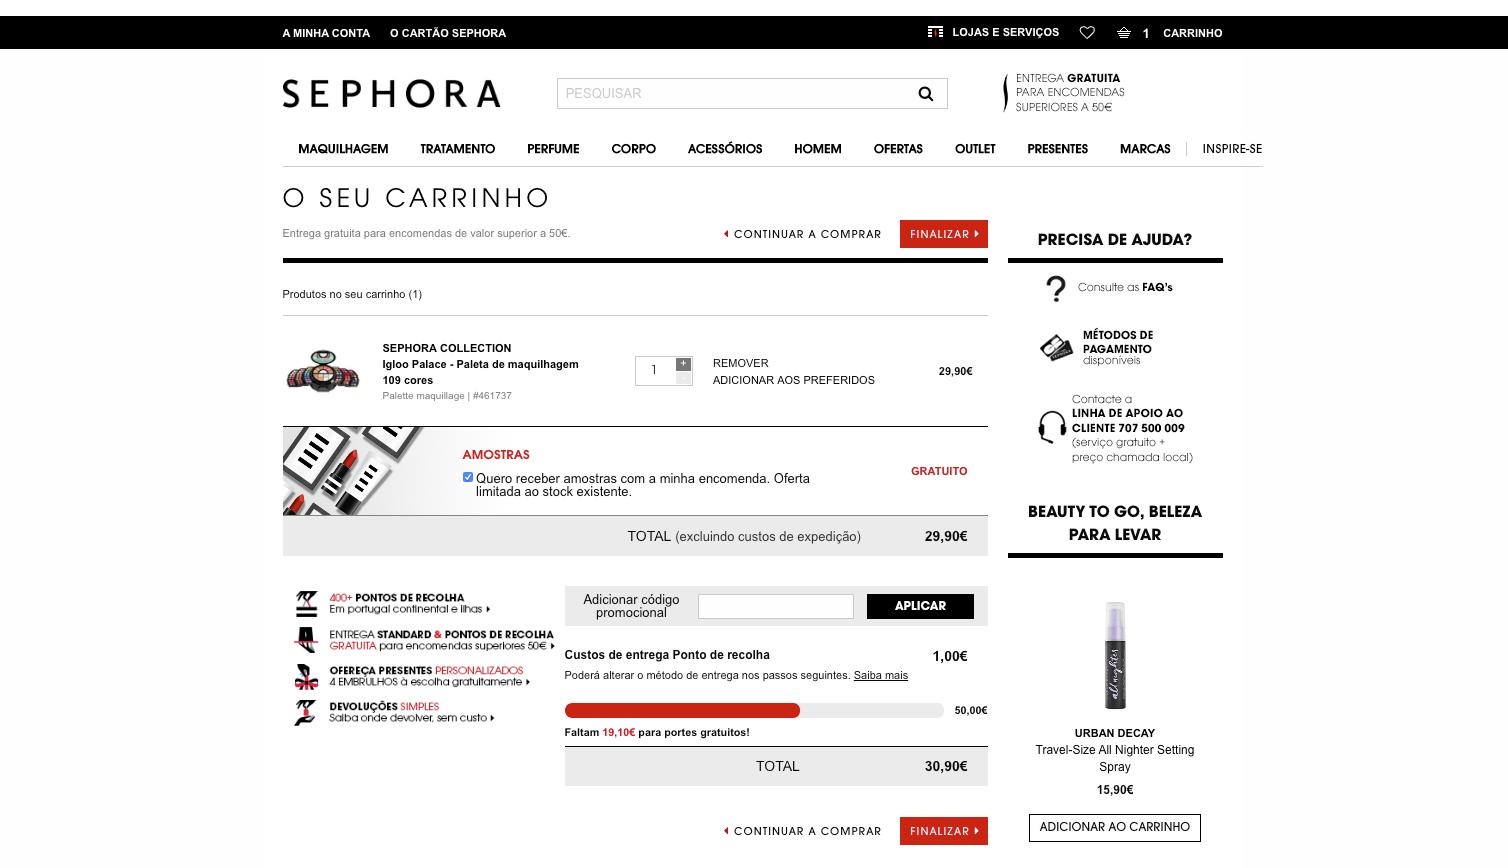 Sephora PT